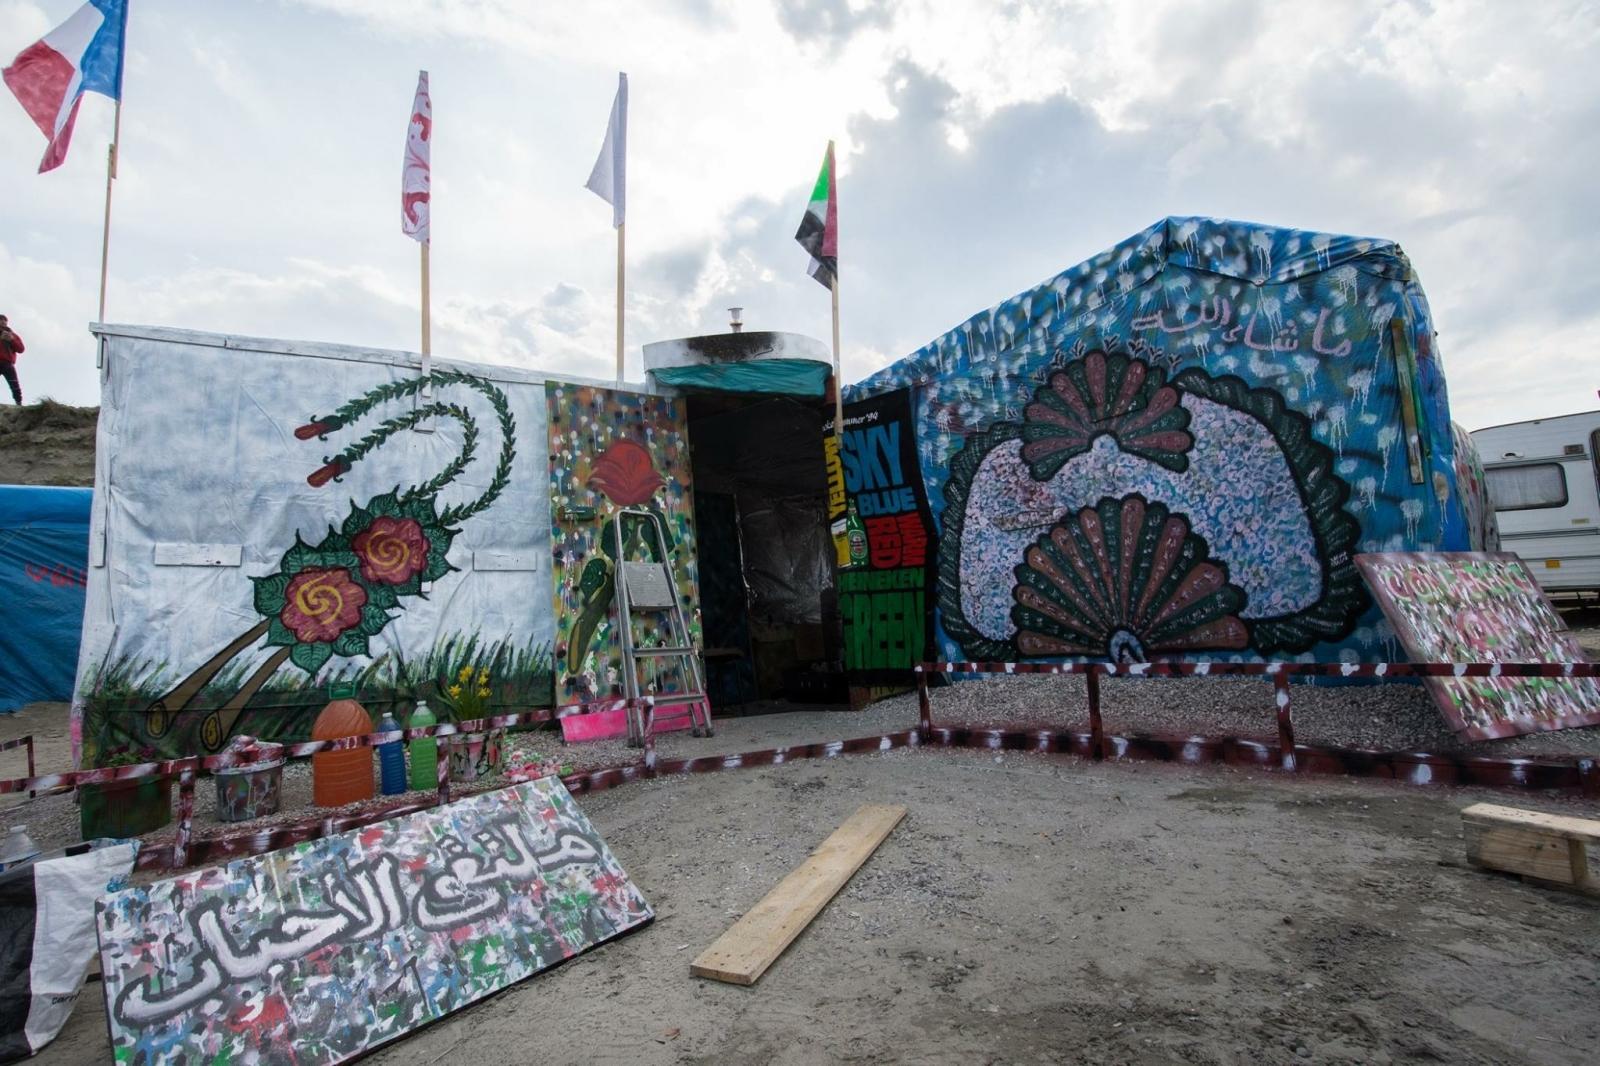 Calais jungle artist